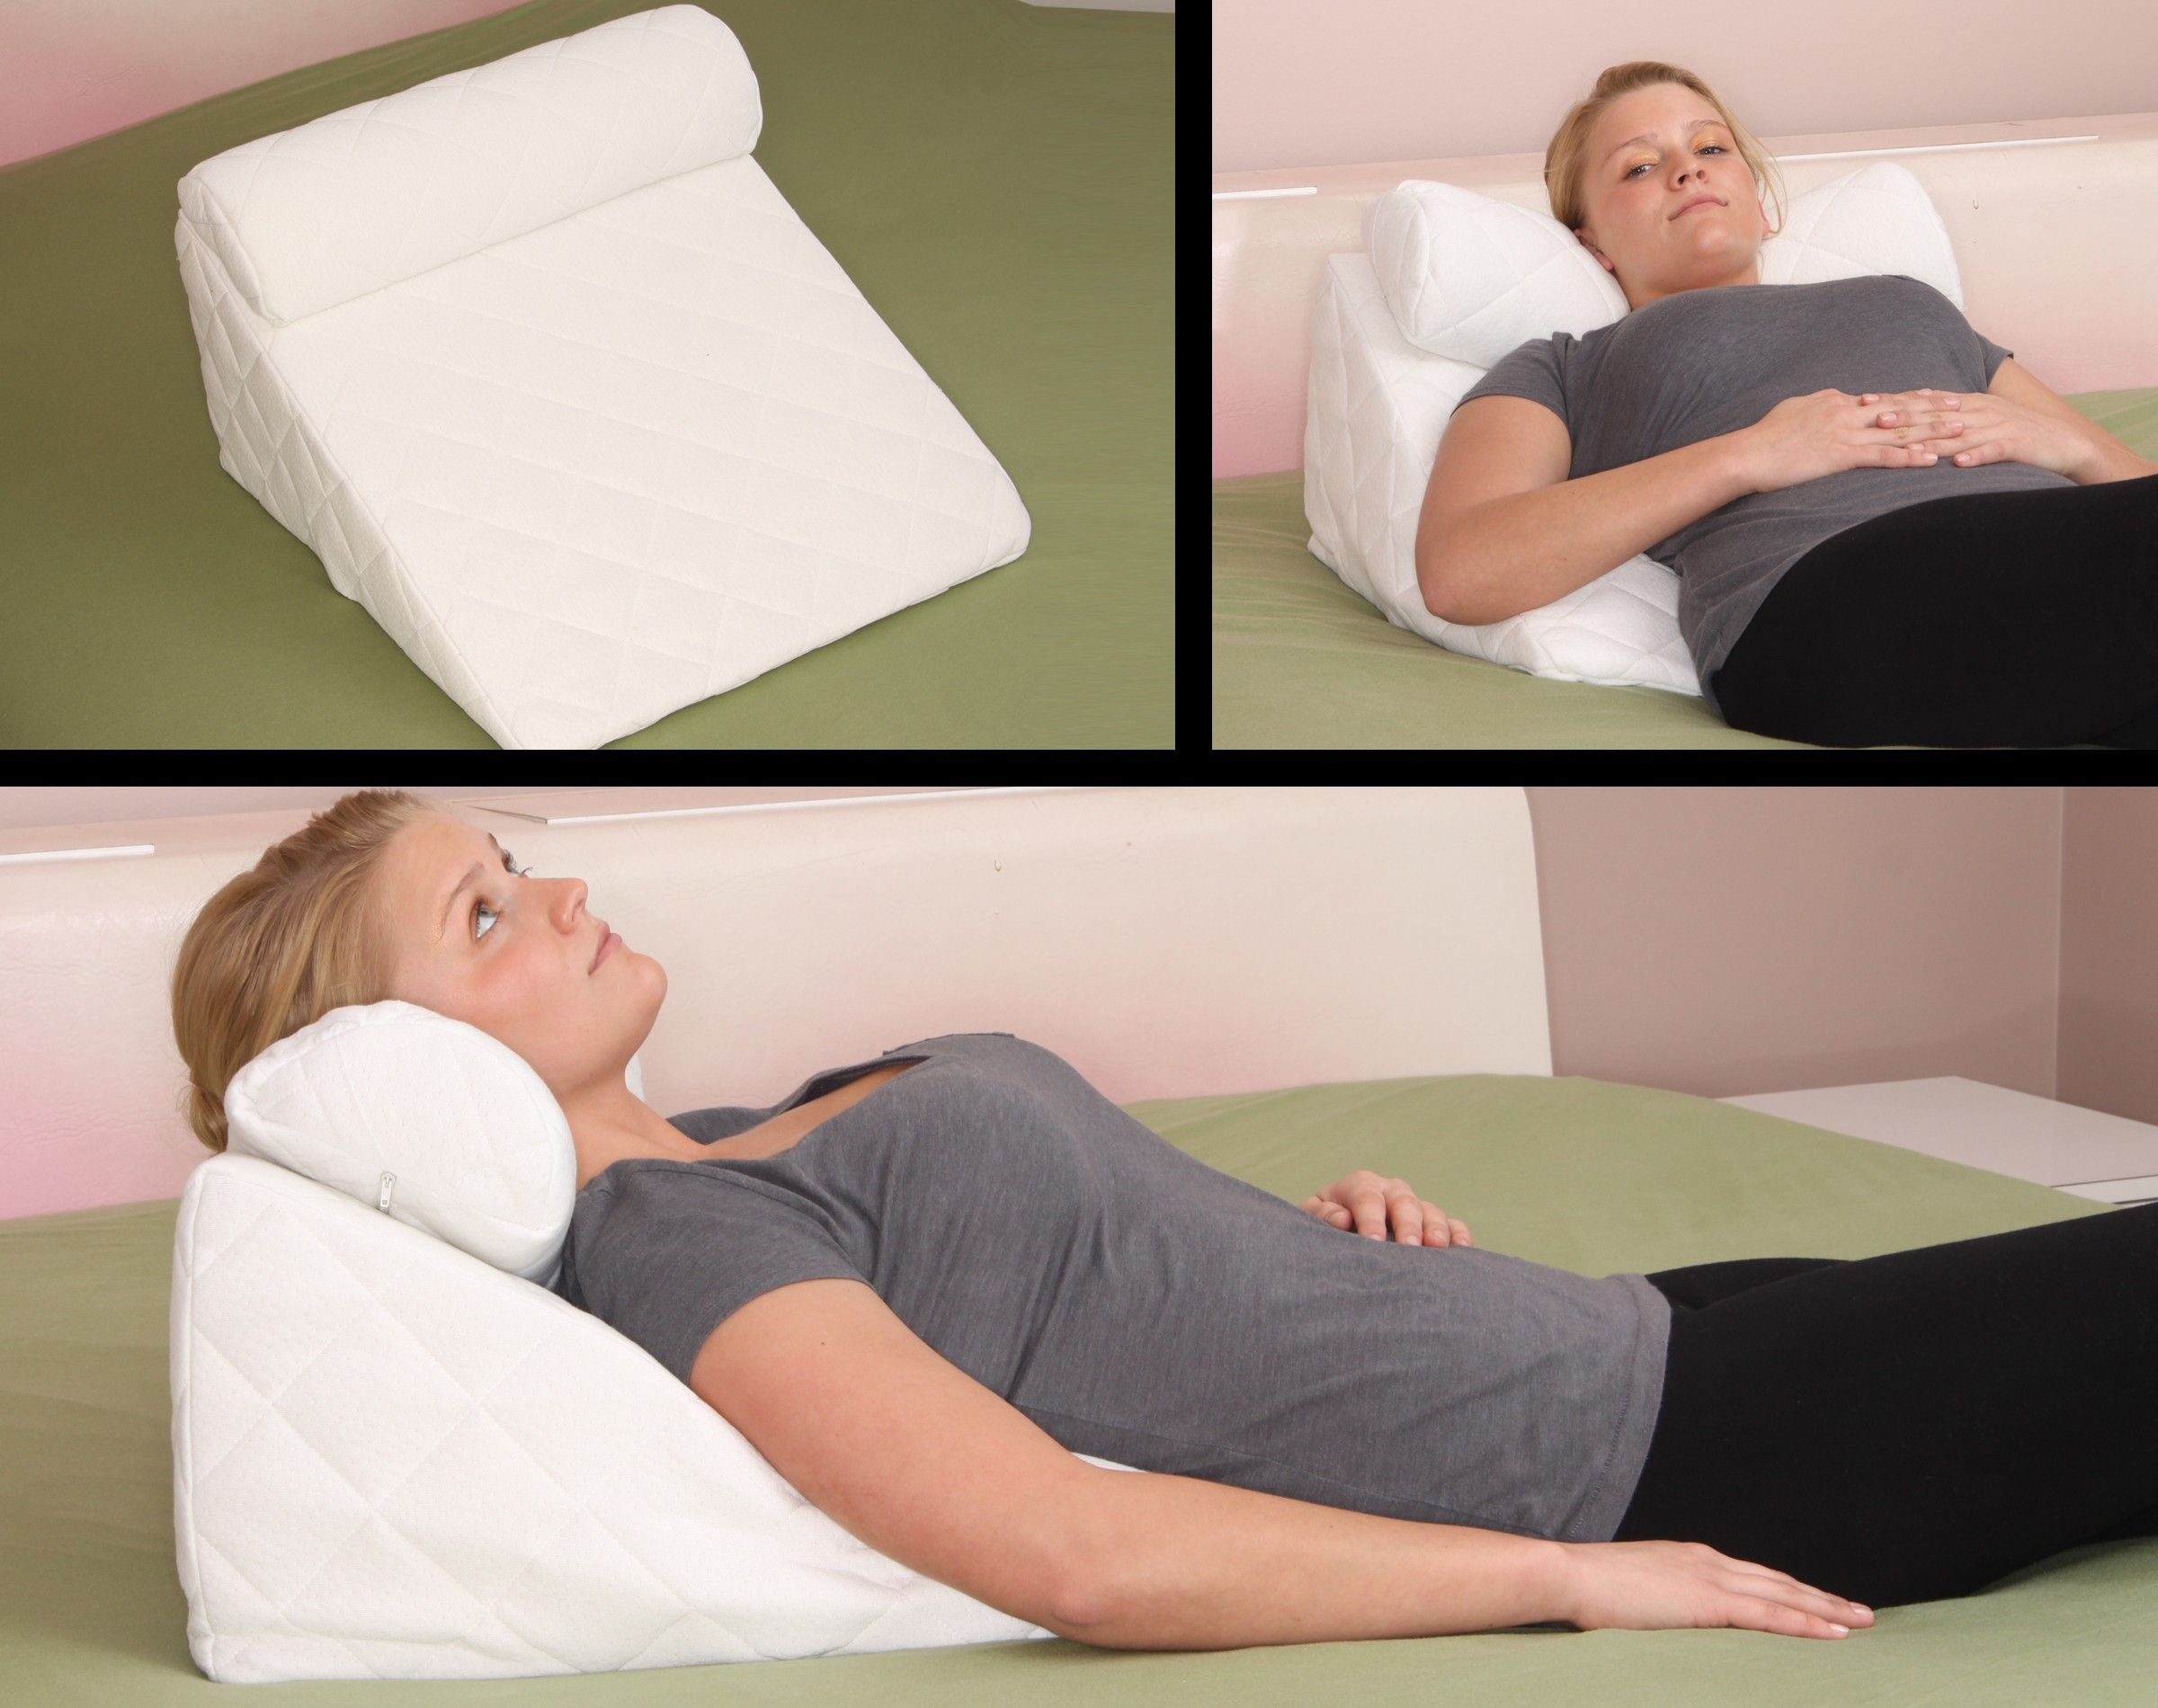 Deluxe Comfort Hypoallergenic Memory Foam Bed Wedge Pillow Set 24